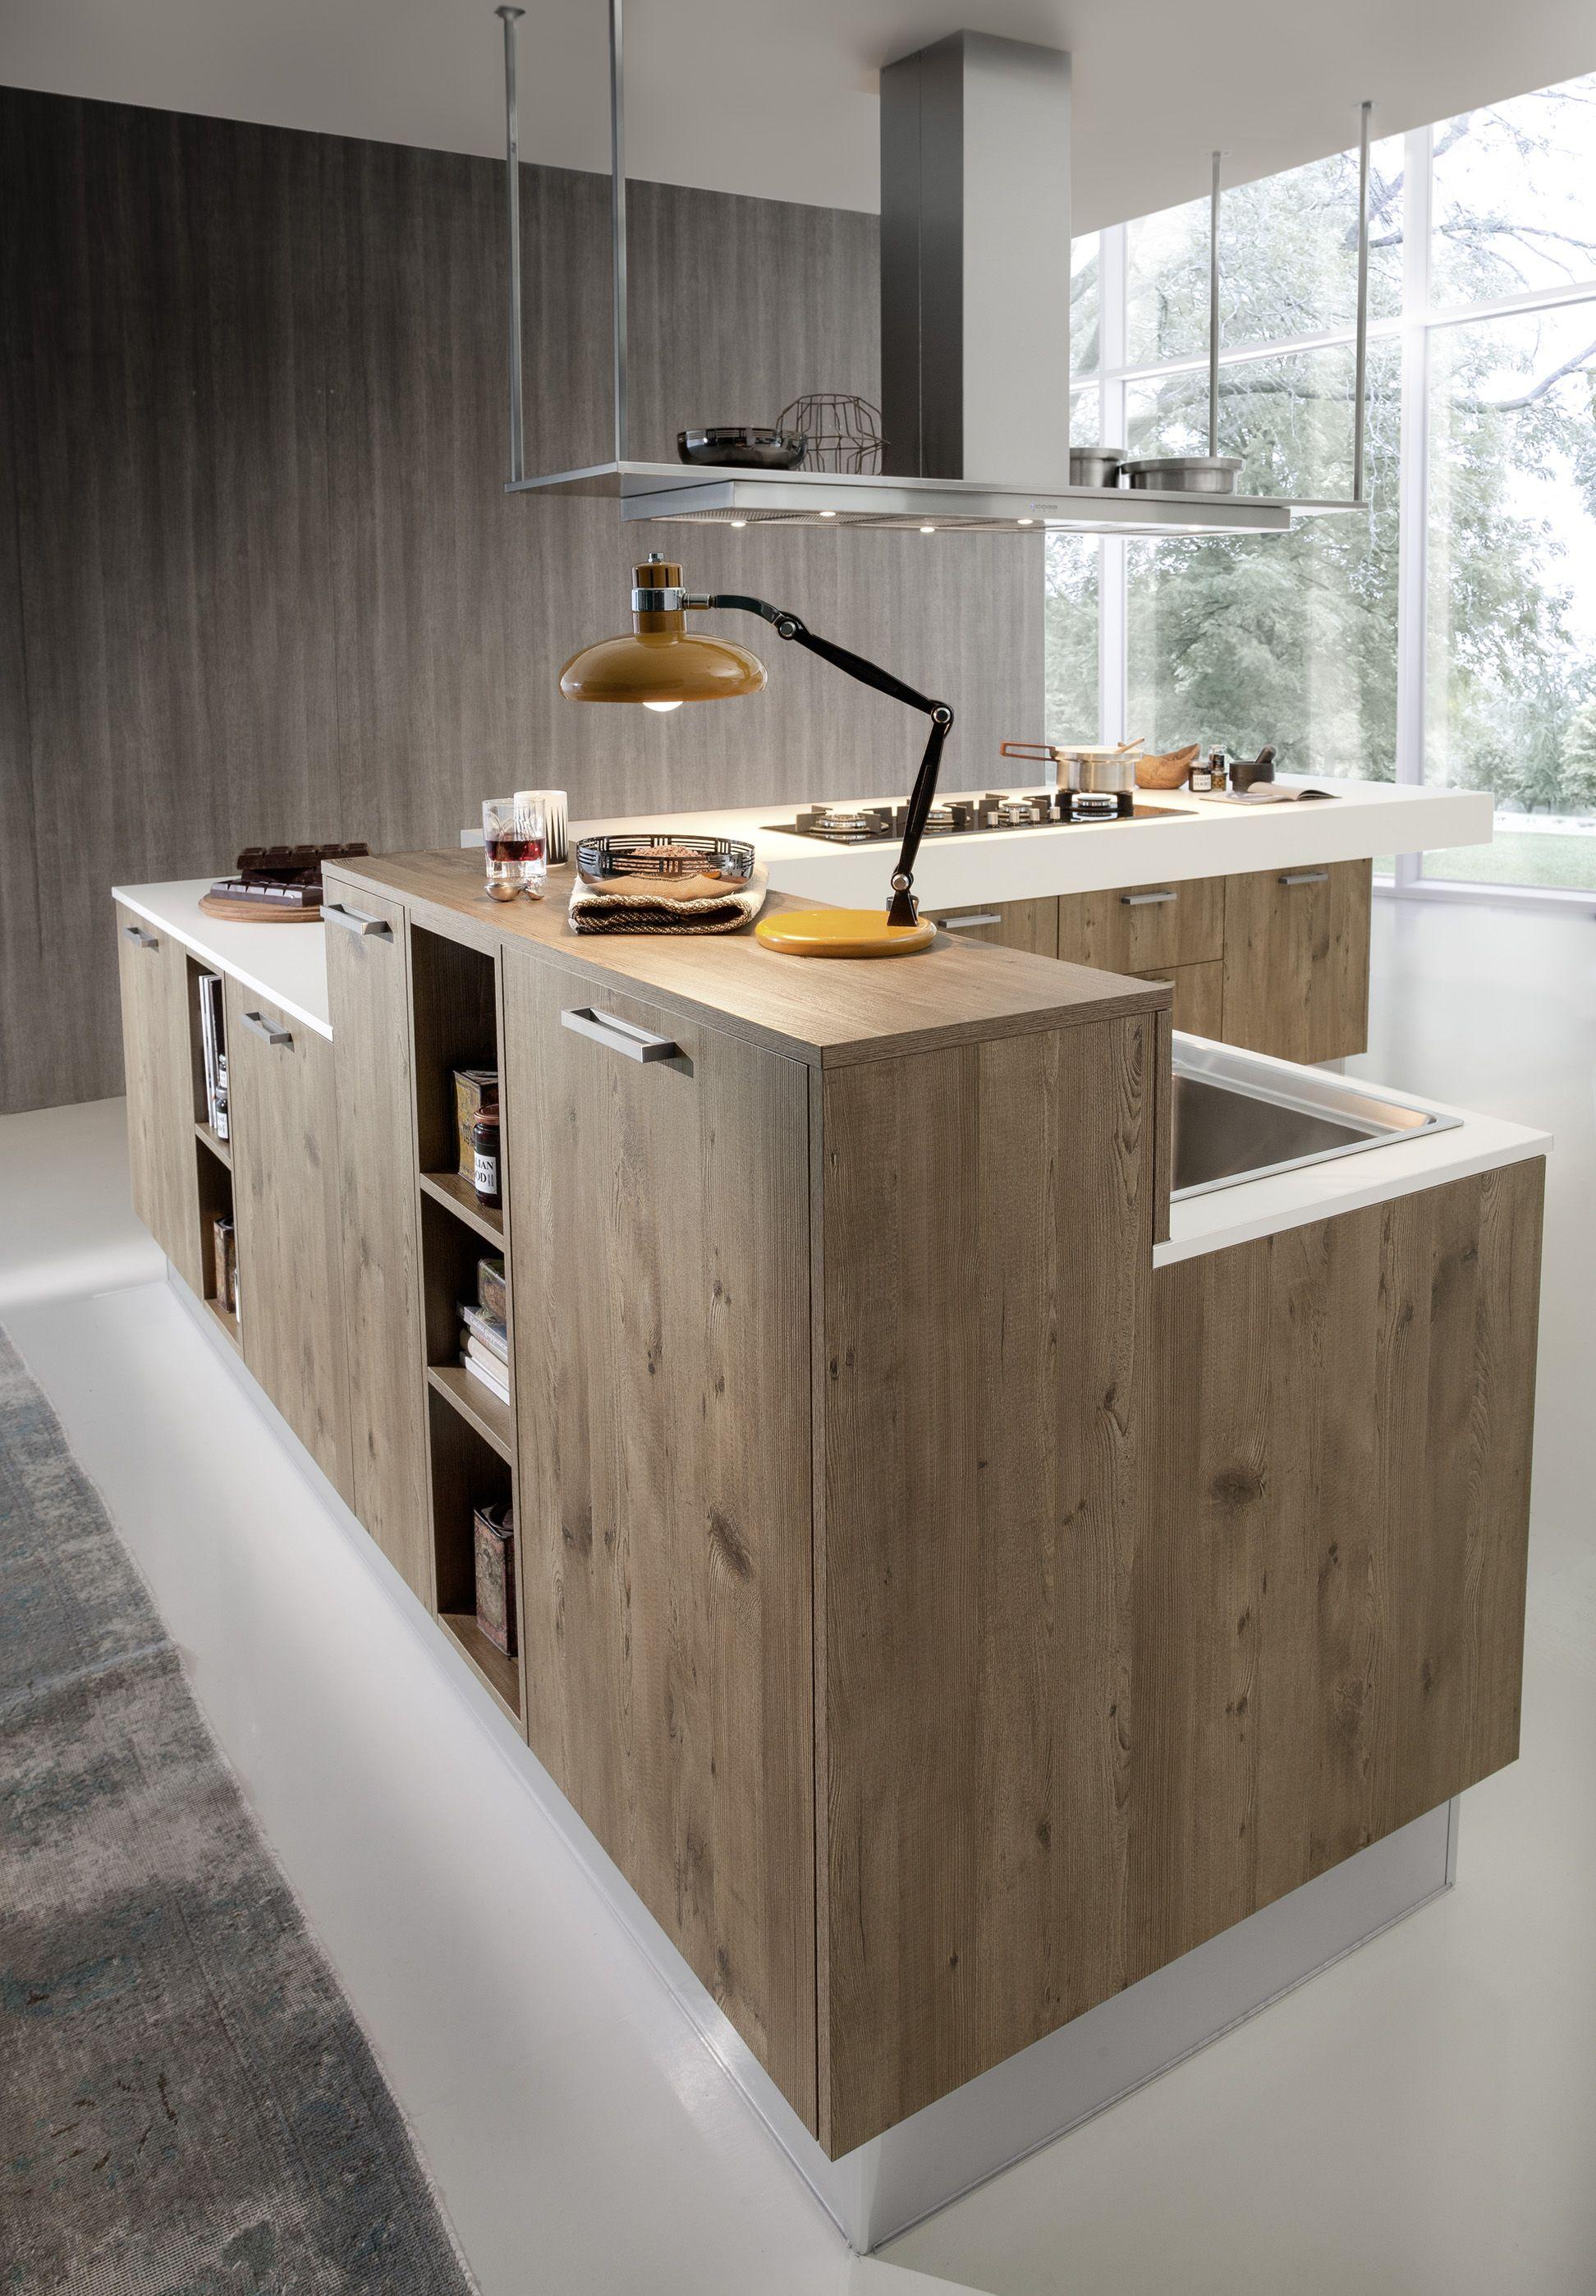 Eko 2015 Kitchen Design Nyc  Kitchen  Pinterest  Kitchen Design Beauteous Modern Kitchen Cabinets Nyc Design Decoration